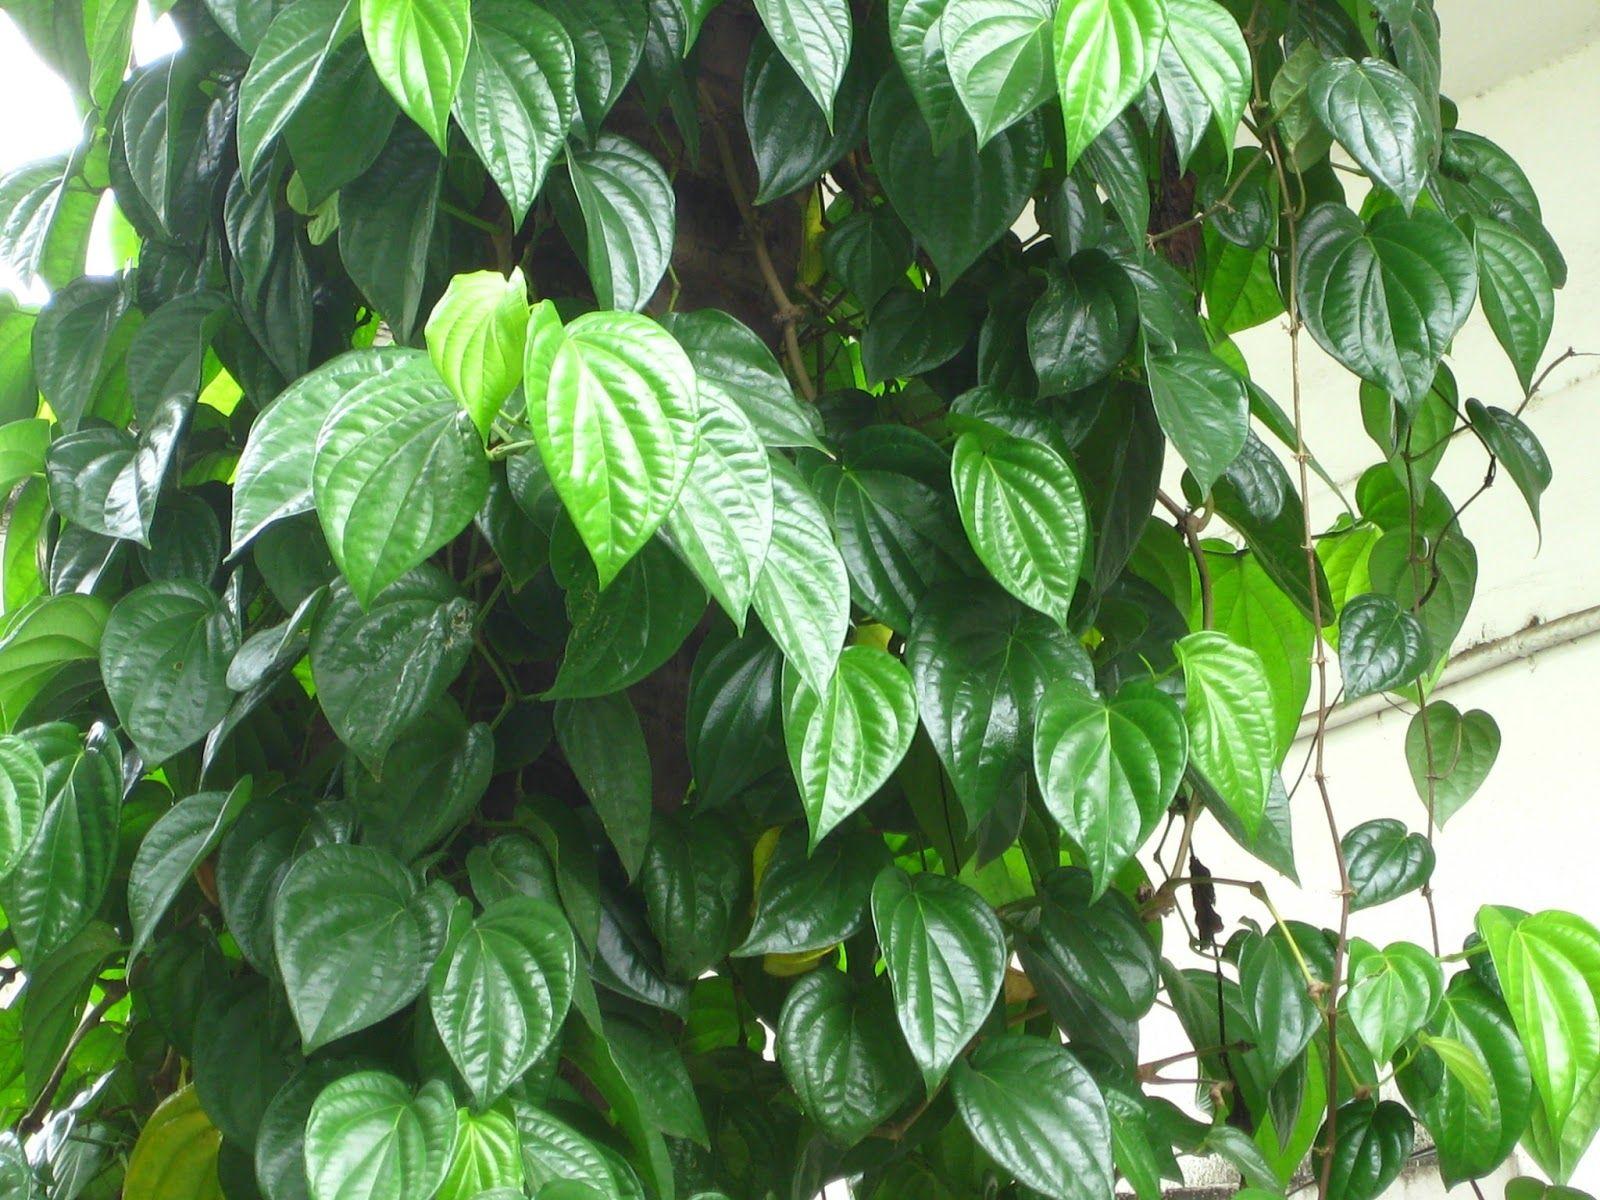 Sirih Atau Tanaman Yang Mempunyai Nama Latin Piper Betle Ini Adalah Tanaman Yang Tumbuh Merambat Pada Pohon Atau Tanaman La Tanaman Tanaman Obat Tanaman Rambat